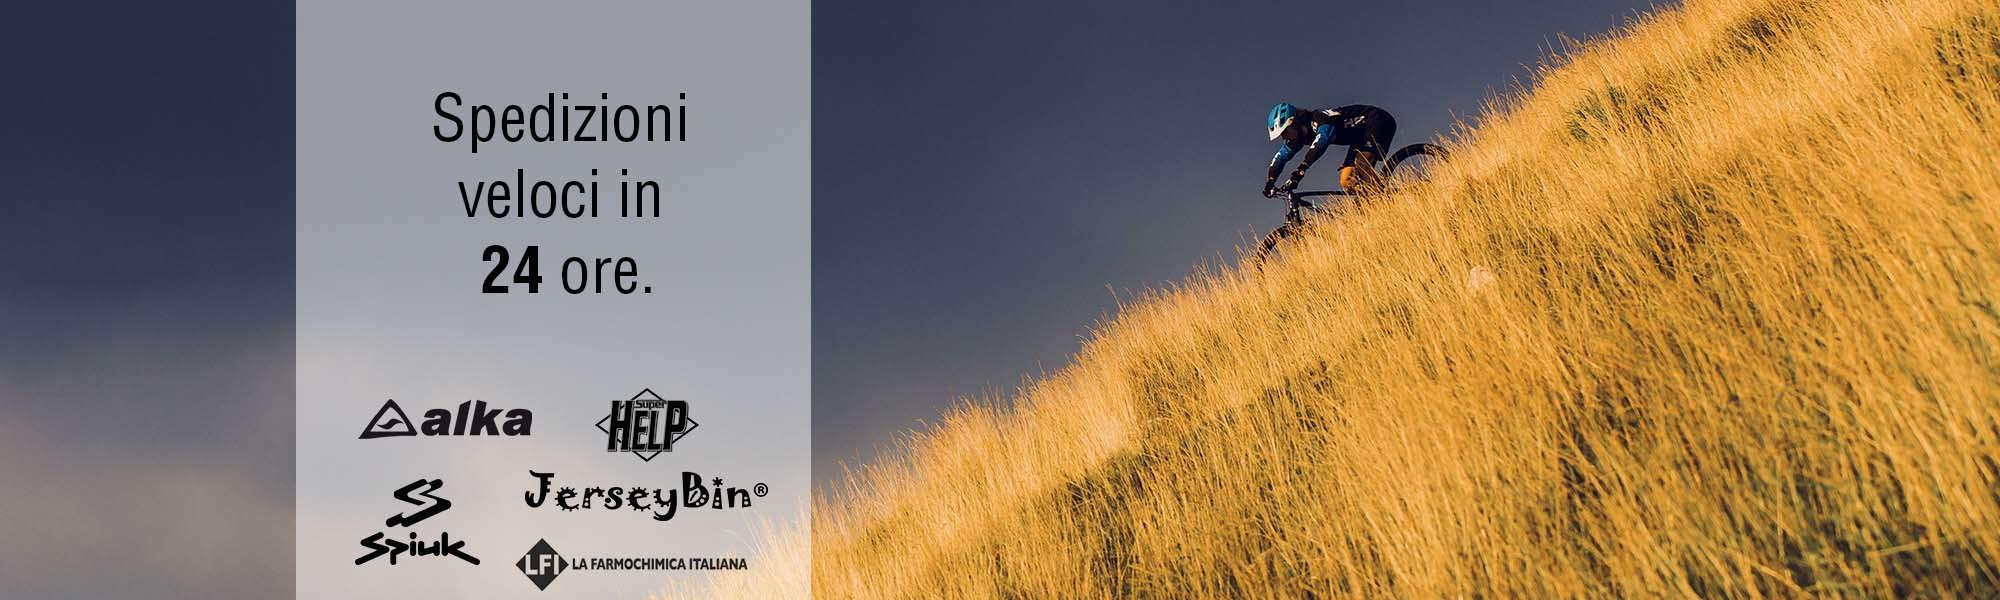 Slider02 | STILLBIKE - Accessori per il Ciclismo